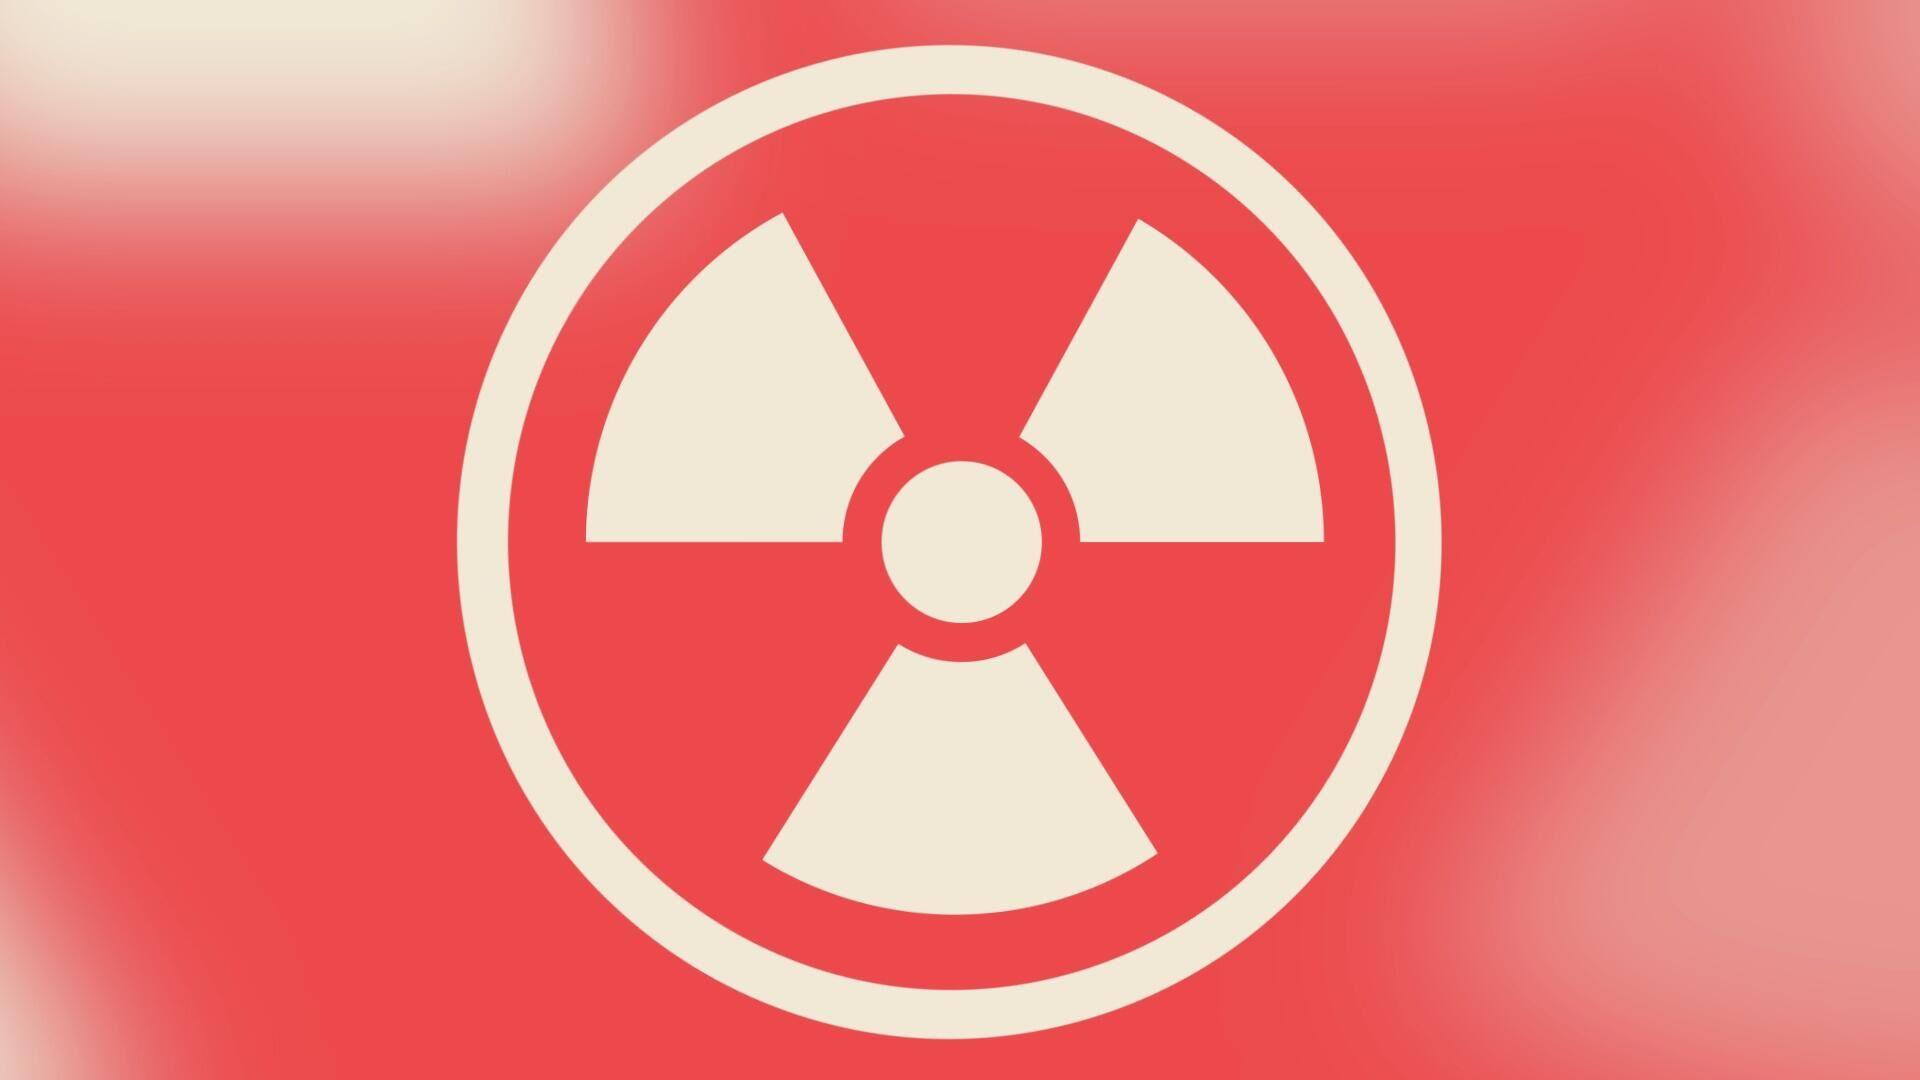 Kdo má nejvíce jaderných zbraní? Ilustrační foto - Sputnik Česká republika, 1920, 16.08.2021